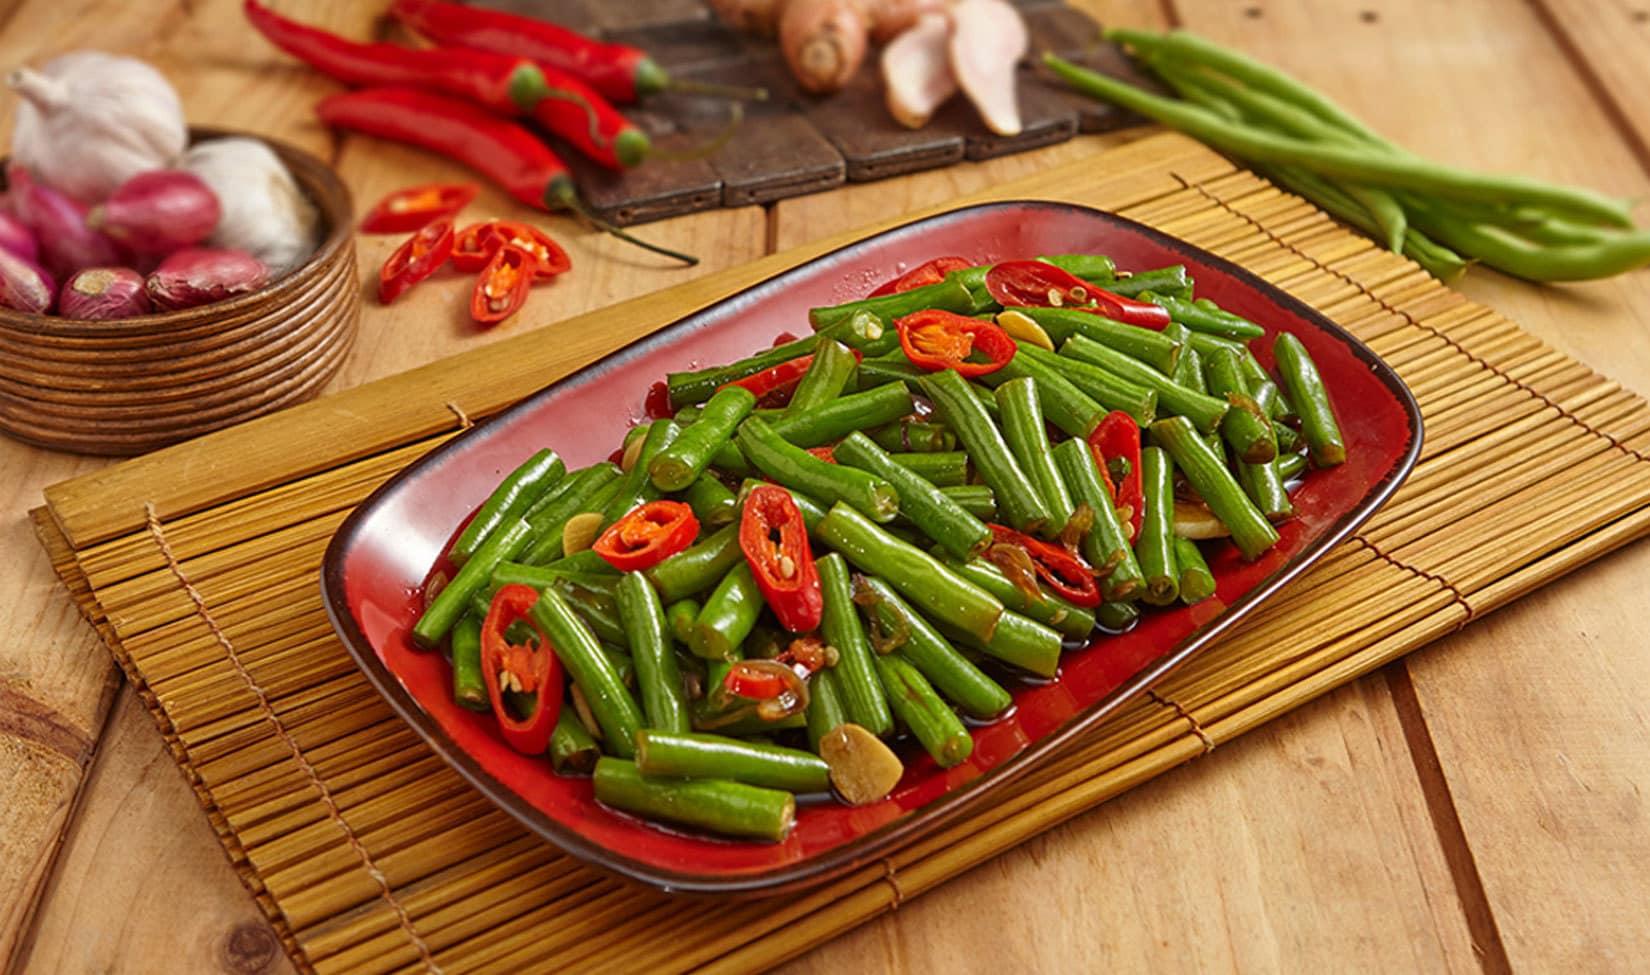 Piring berisi hasil memasak oseng tempe yang dipadukan dengan okra.